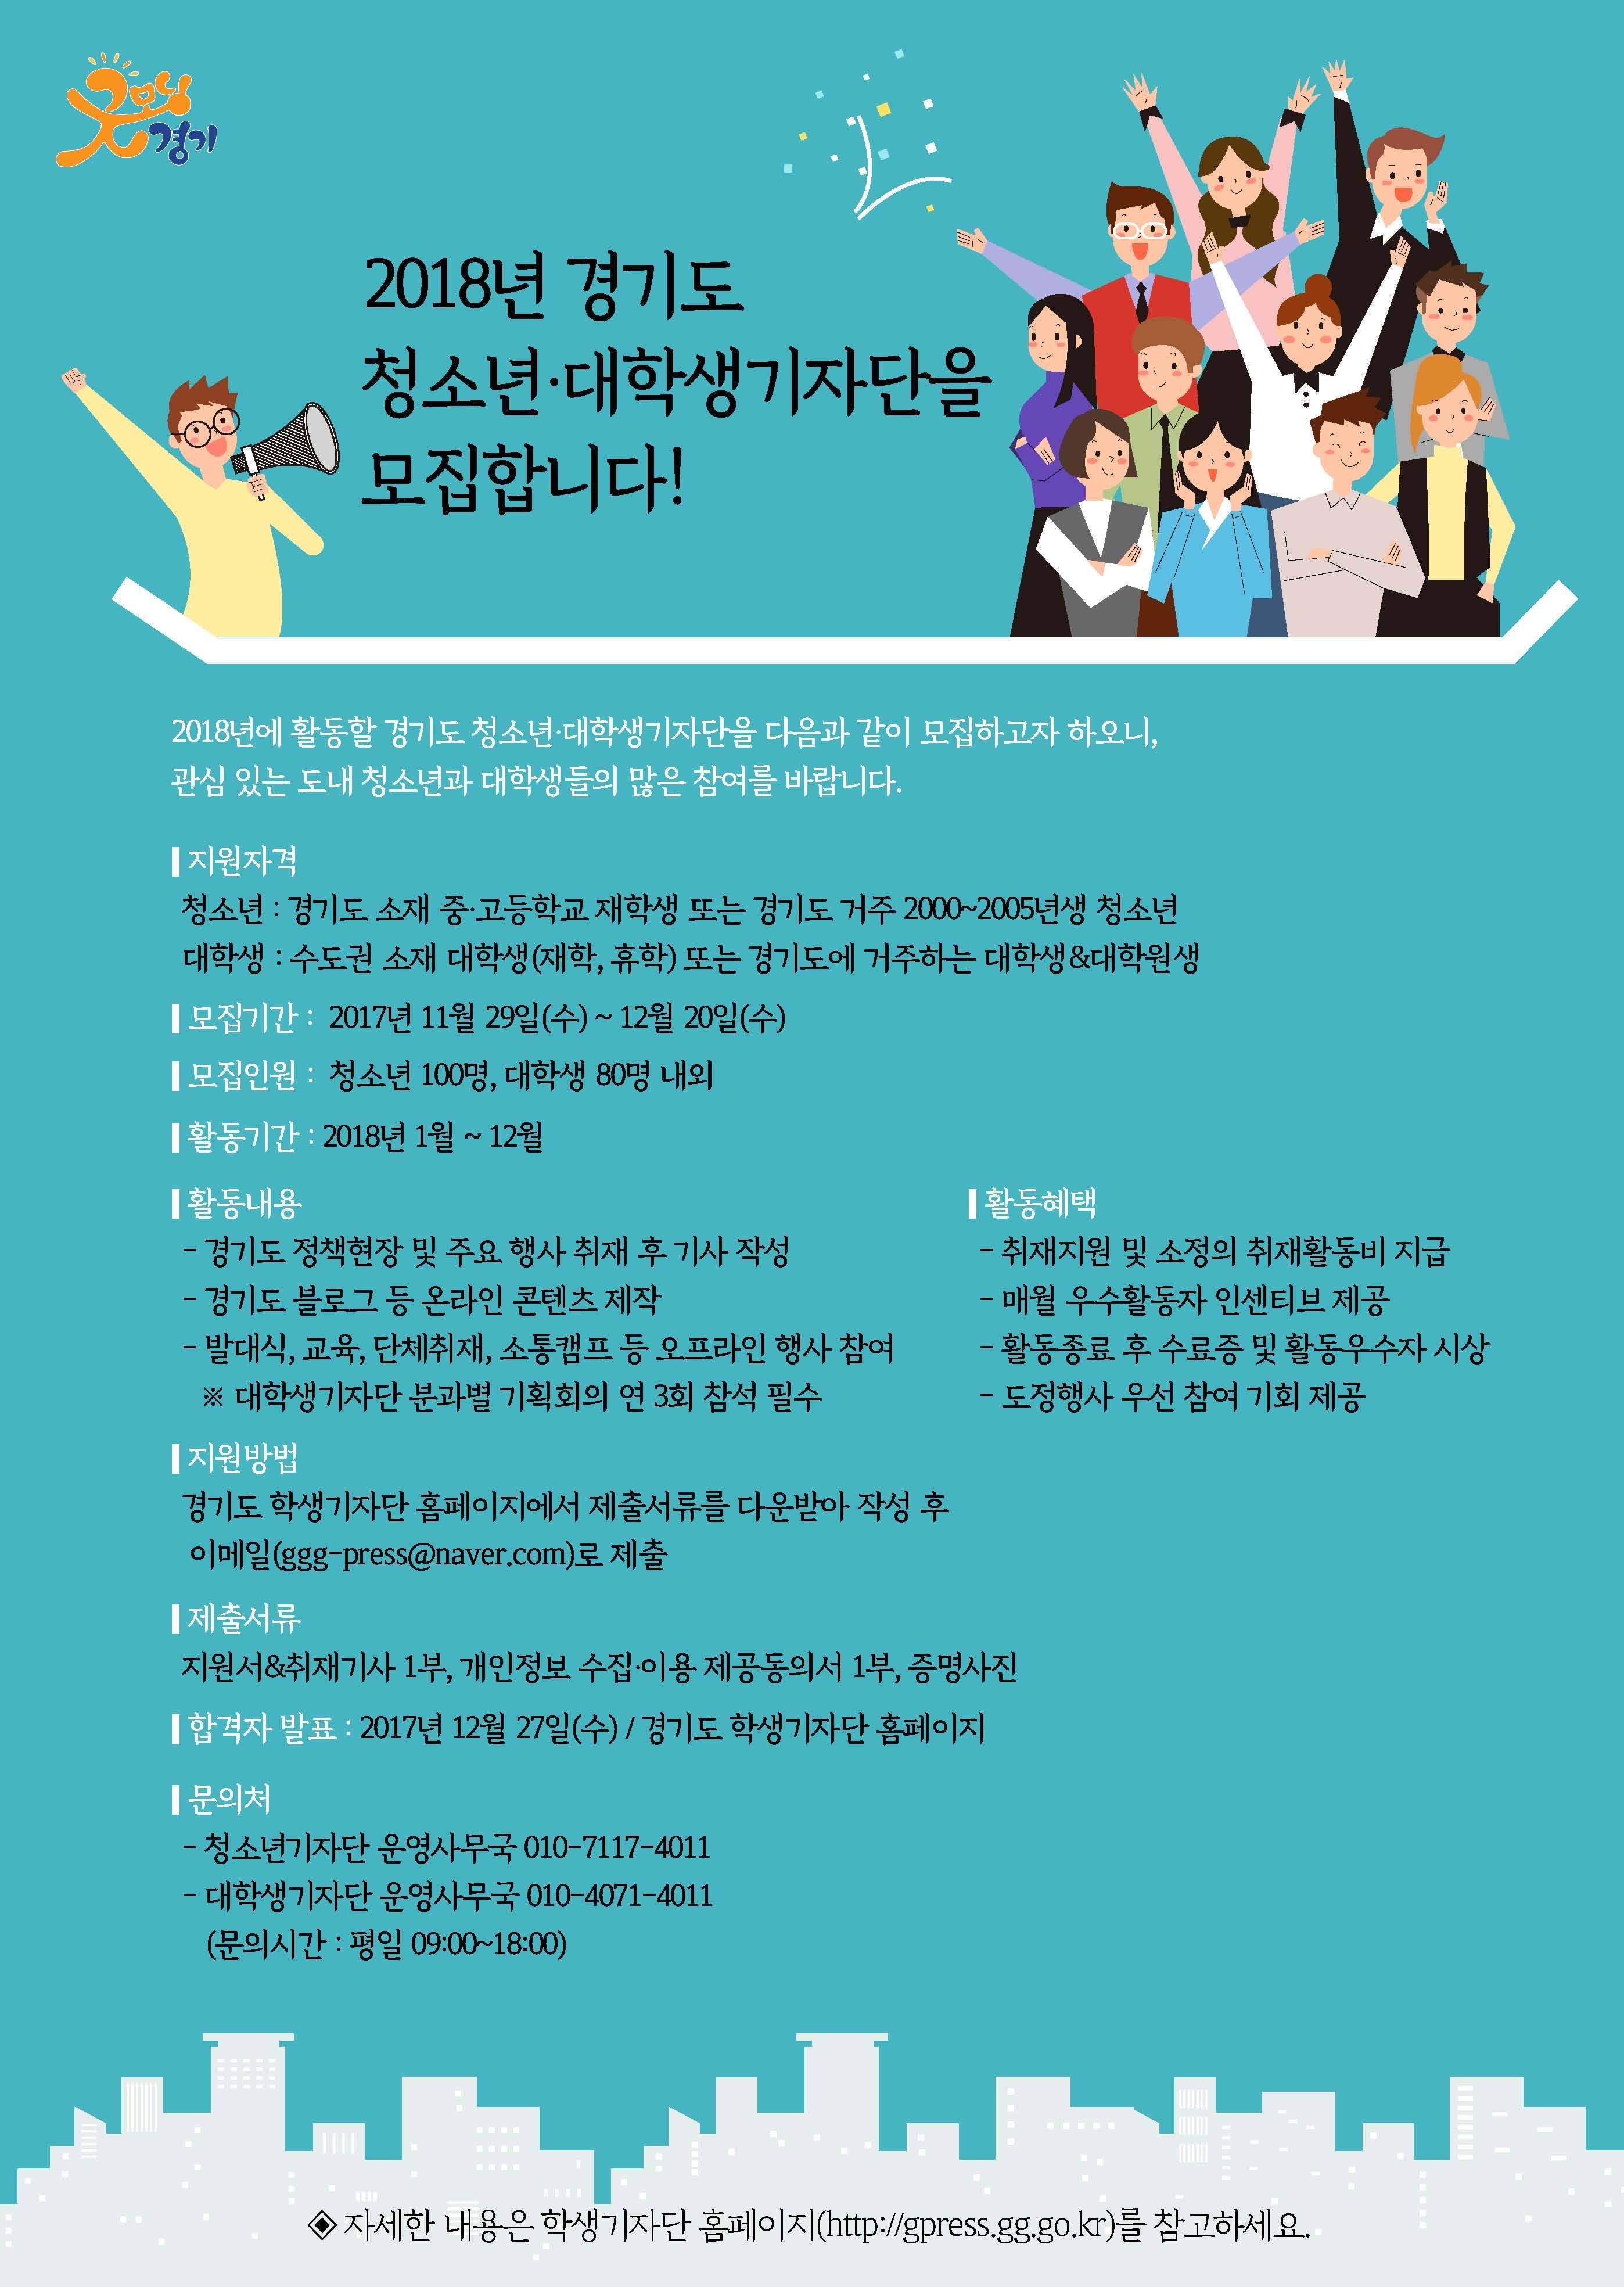 [모집공고] 2018년 경기도 청소년·대학생기자단 모집